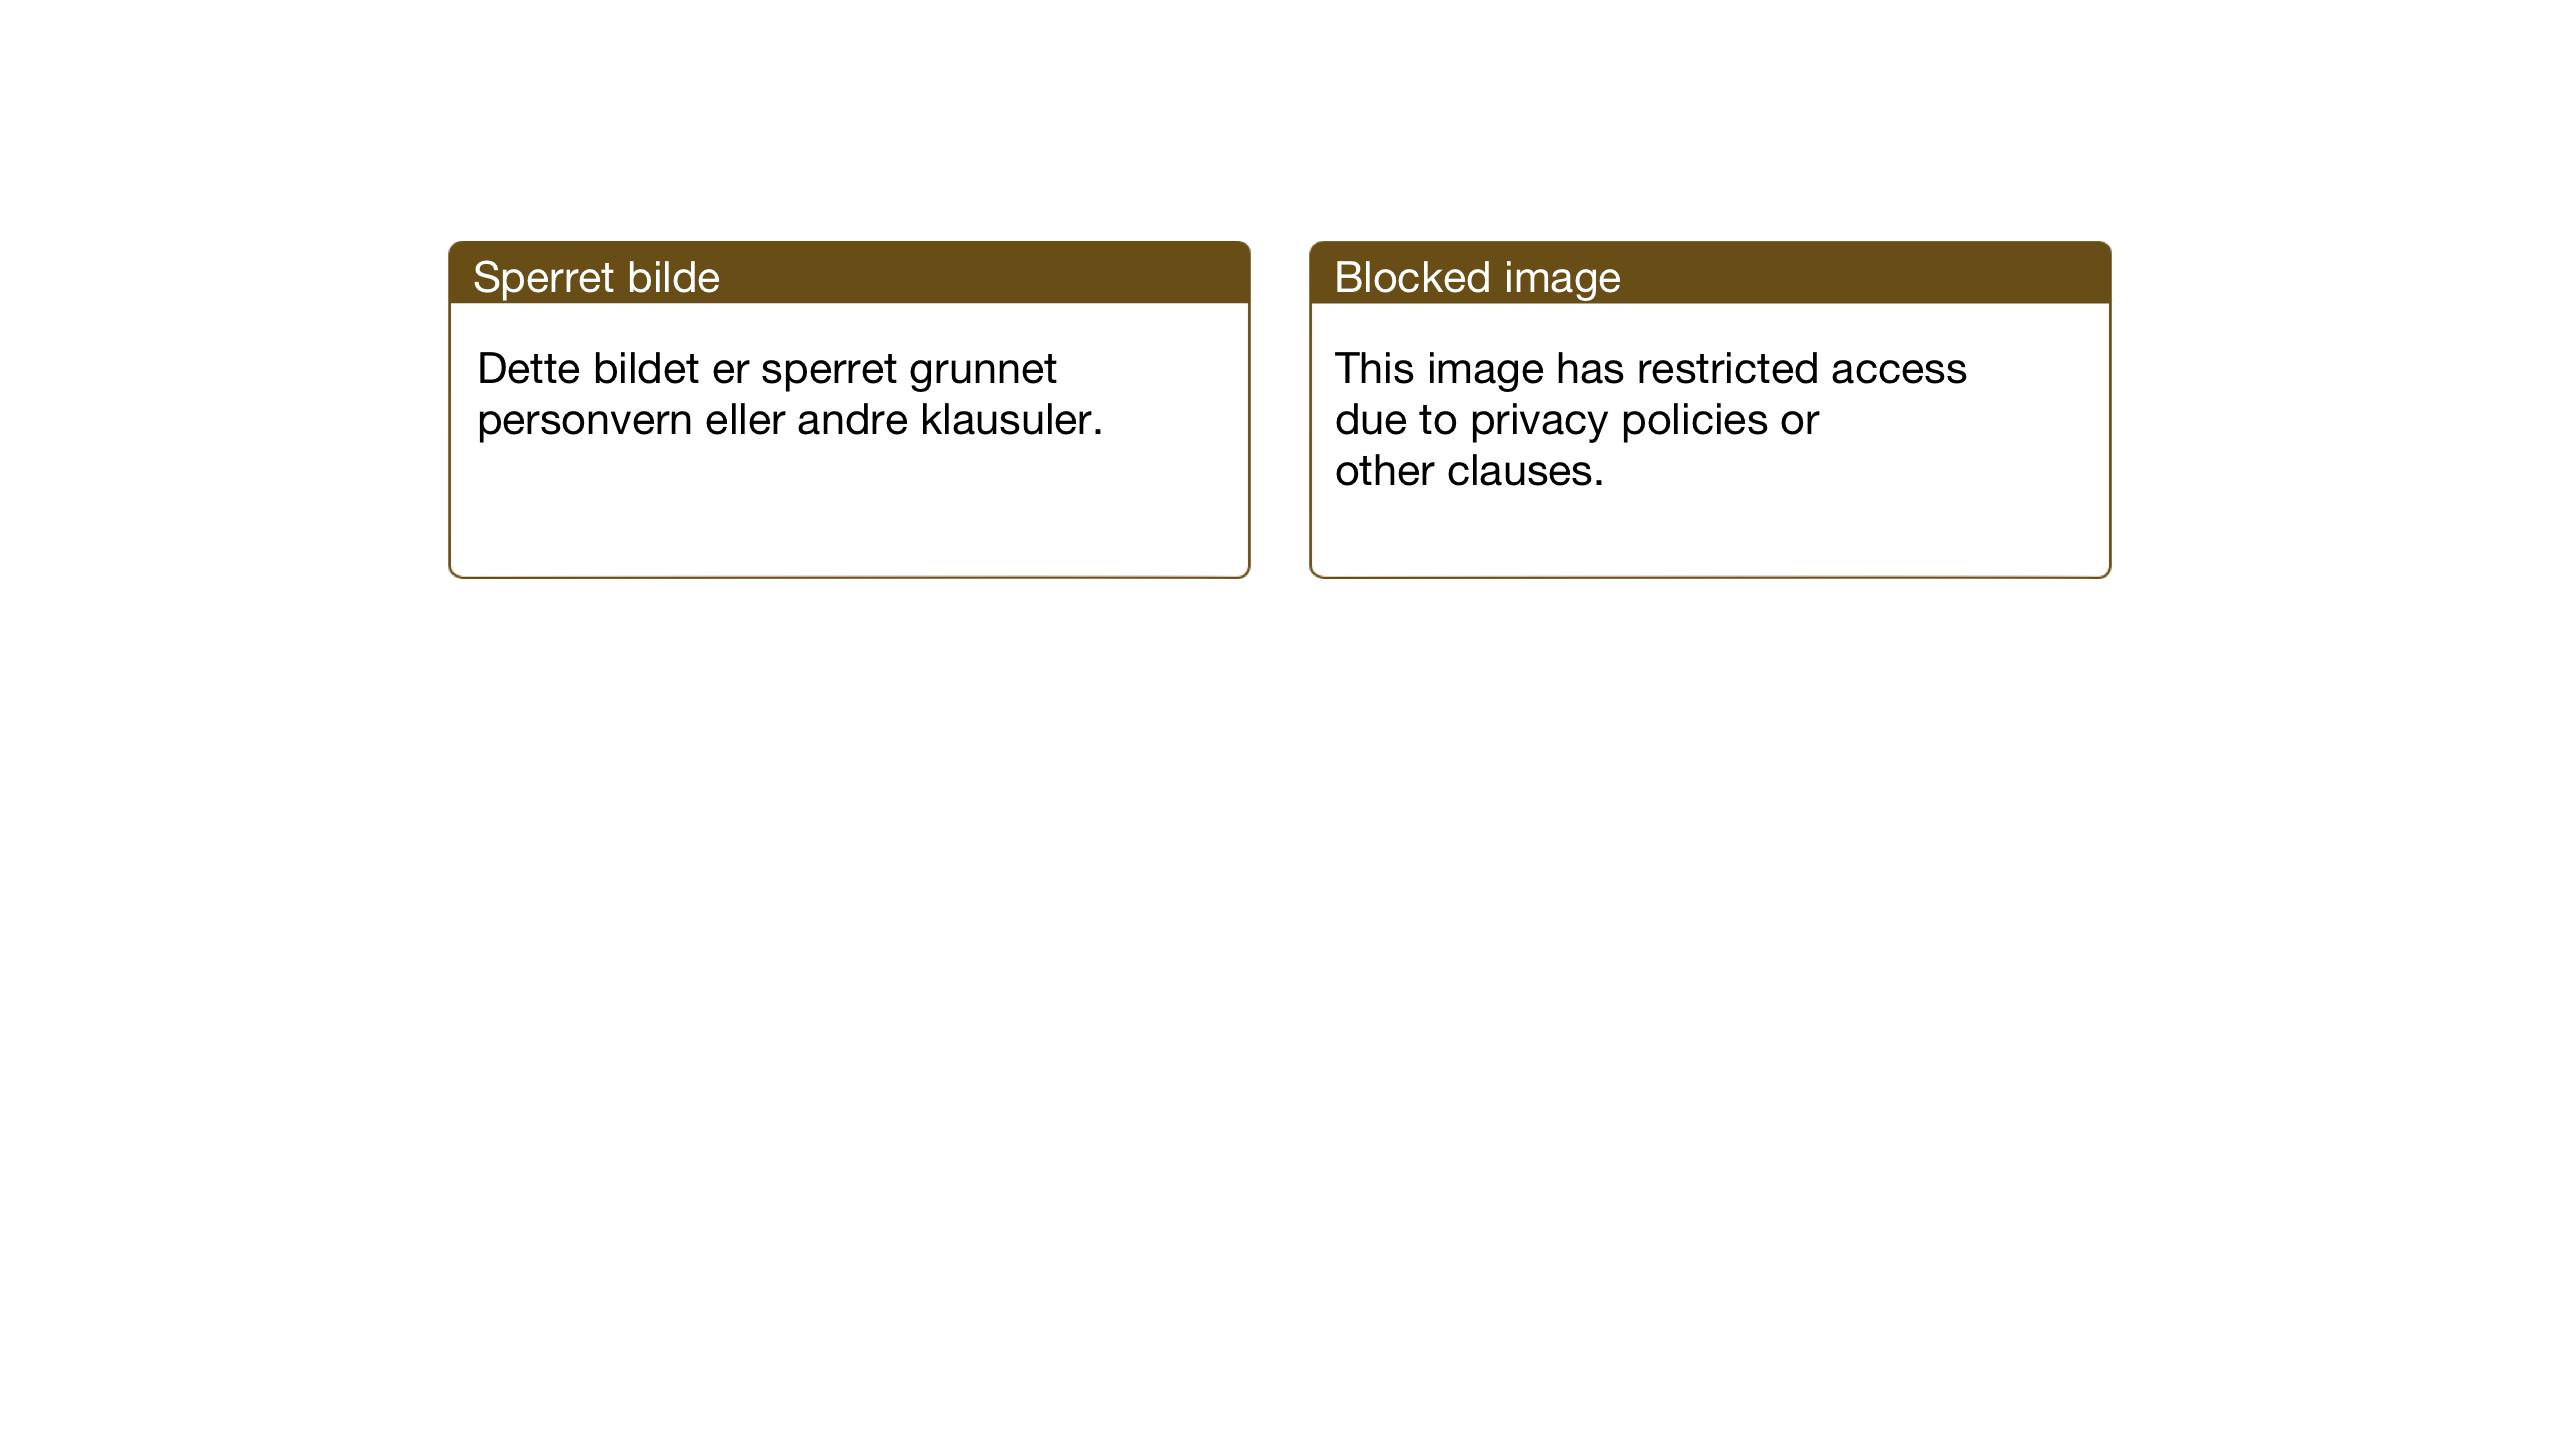 SAT, Ministerialprotokoller, klokkerbøker og fødselsregistre - Sør-Trøndelag, 602/L0150: Klokkerbok nr. 602C18, 1922-1949, s. 151